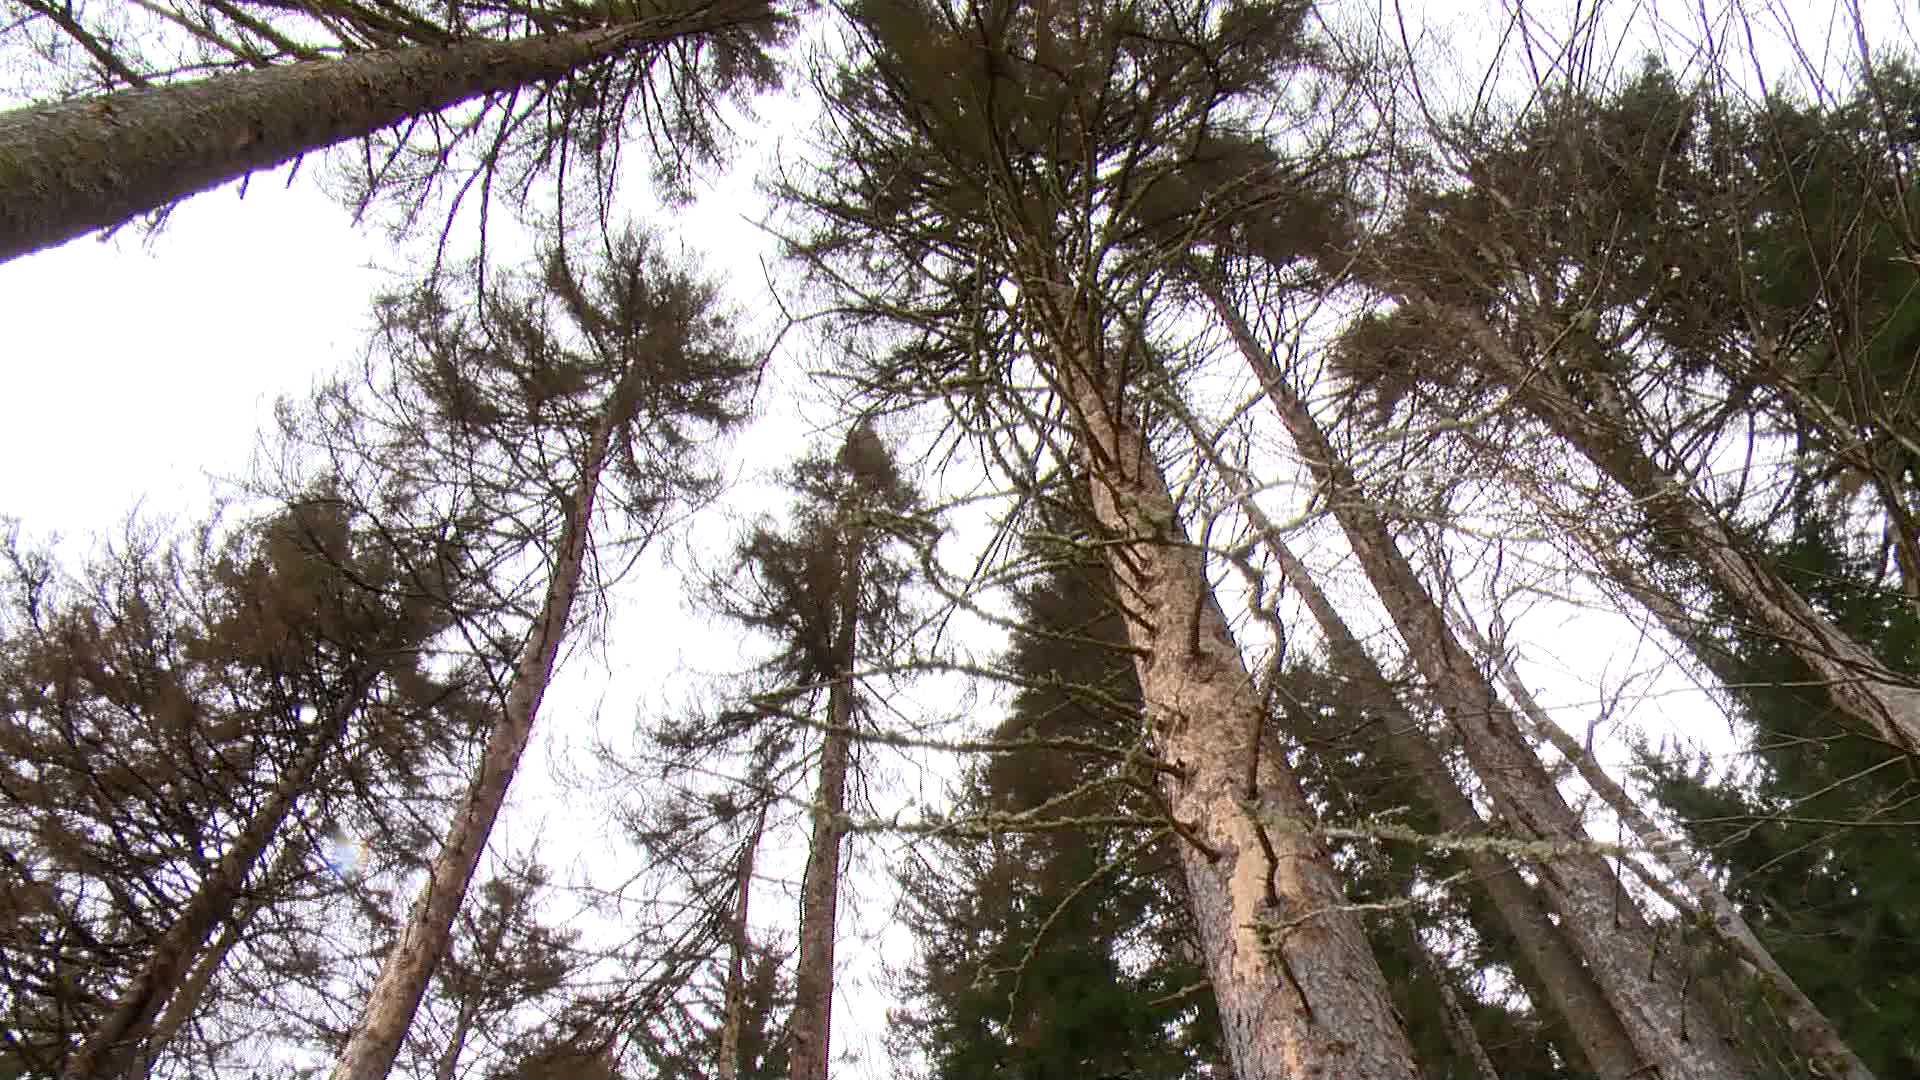 მავნებლით გამოწვეული ზიანი - ხულოში ხეები ხმება